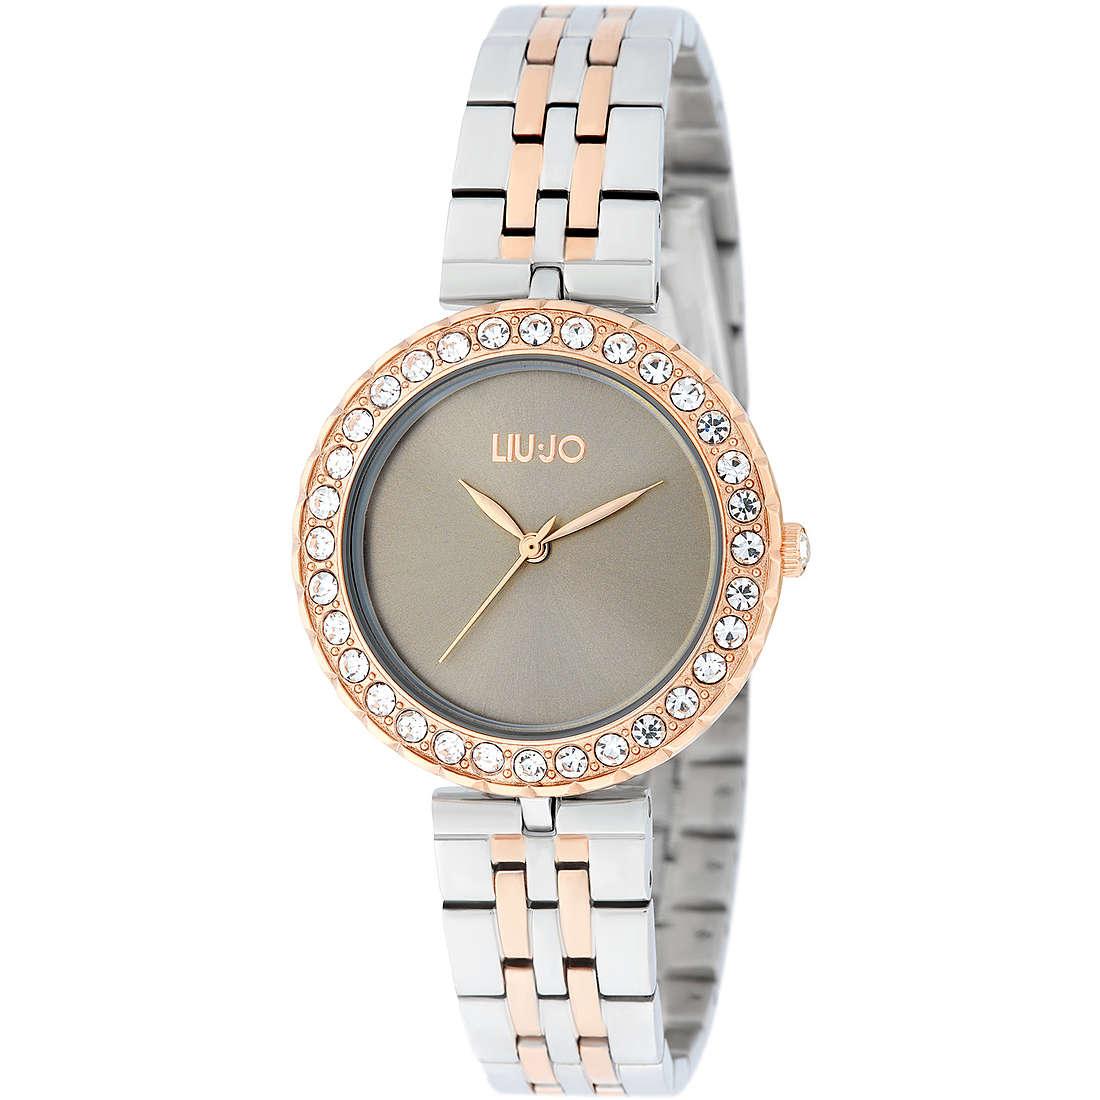 verre-gioielli-orologio-solo-tempo-donna-liujo-crystal-chic-tlj1707